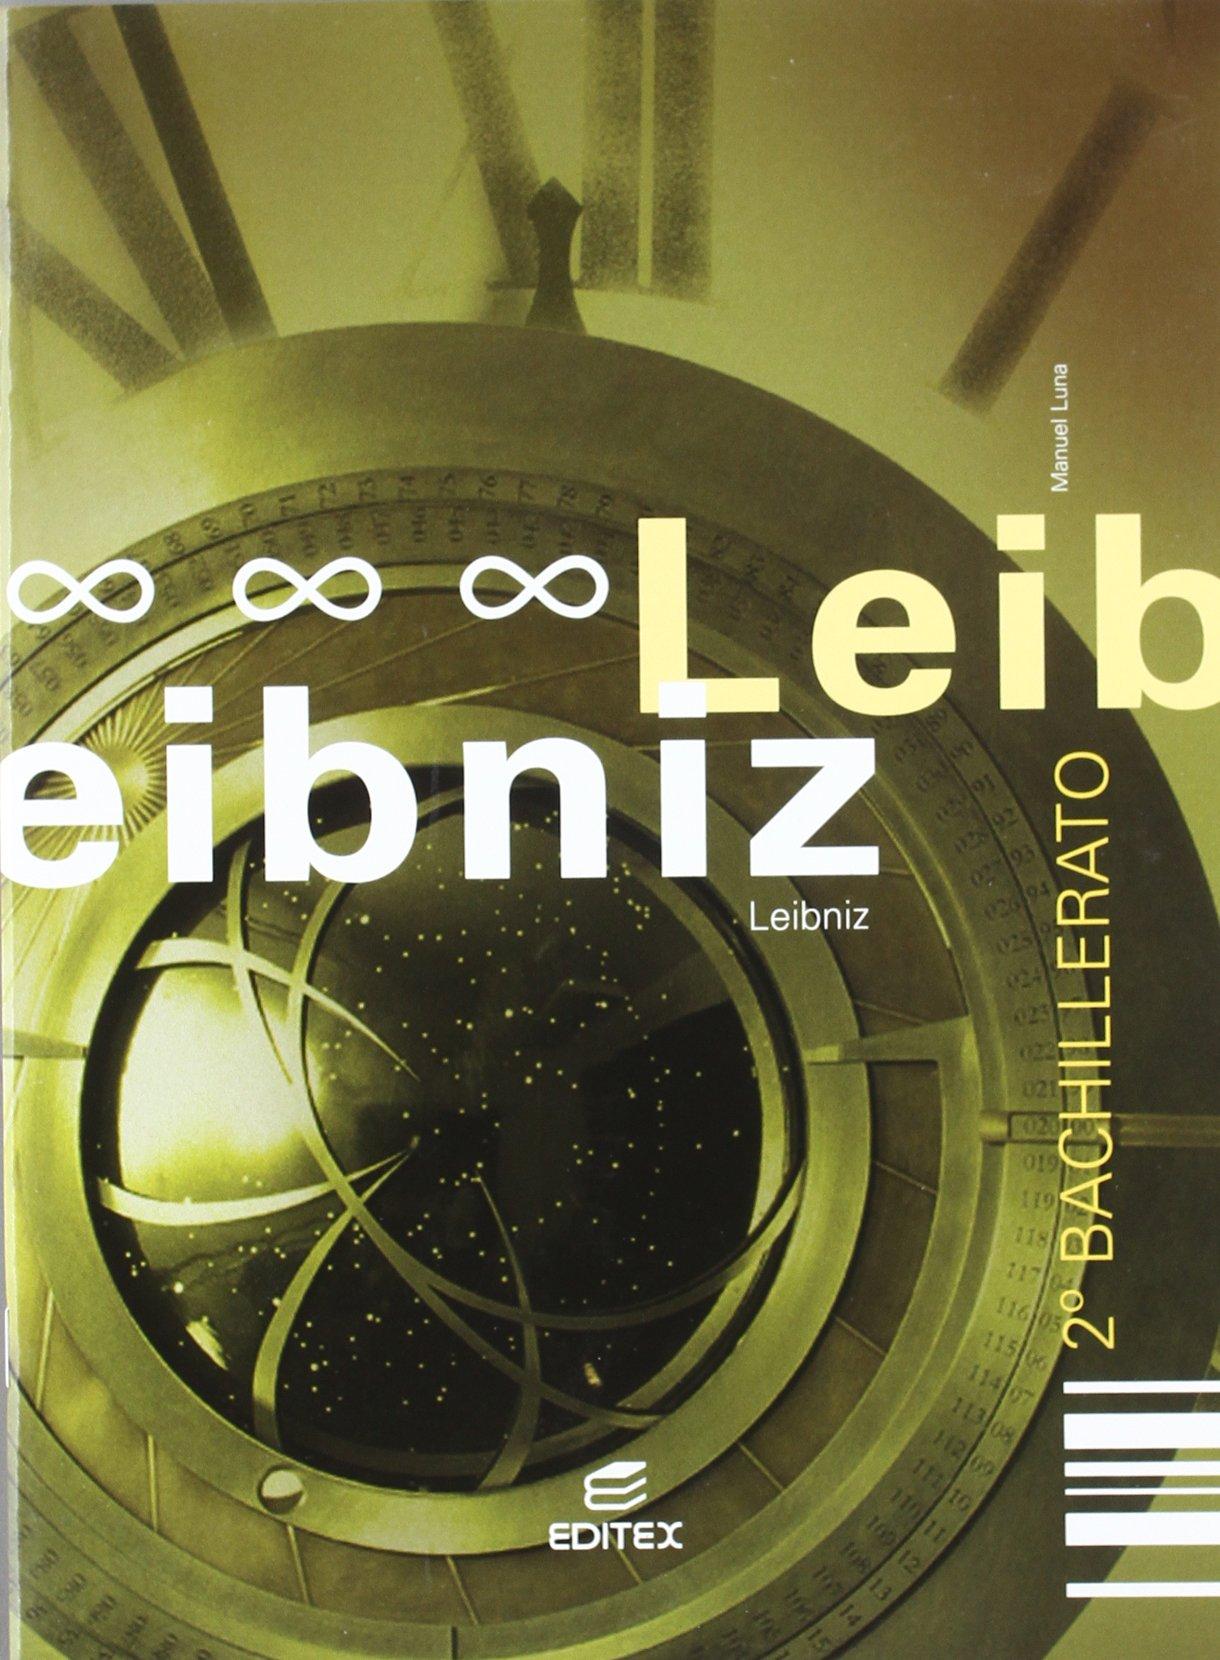 Leibniz (Spanish Edition) ebook